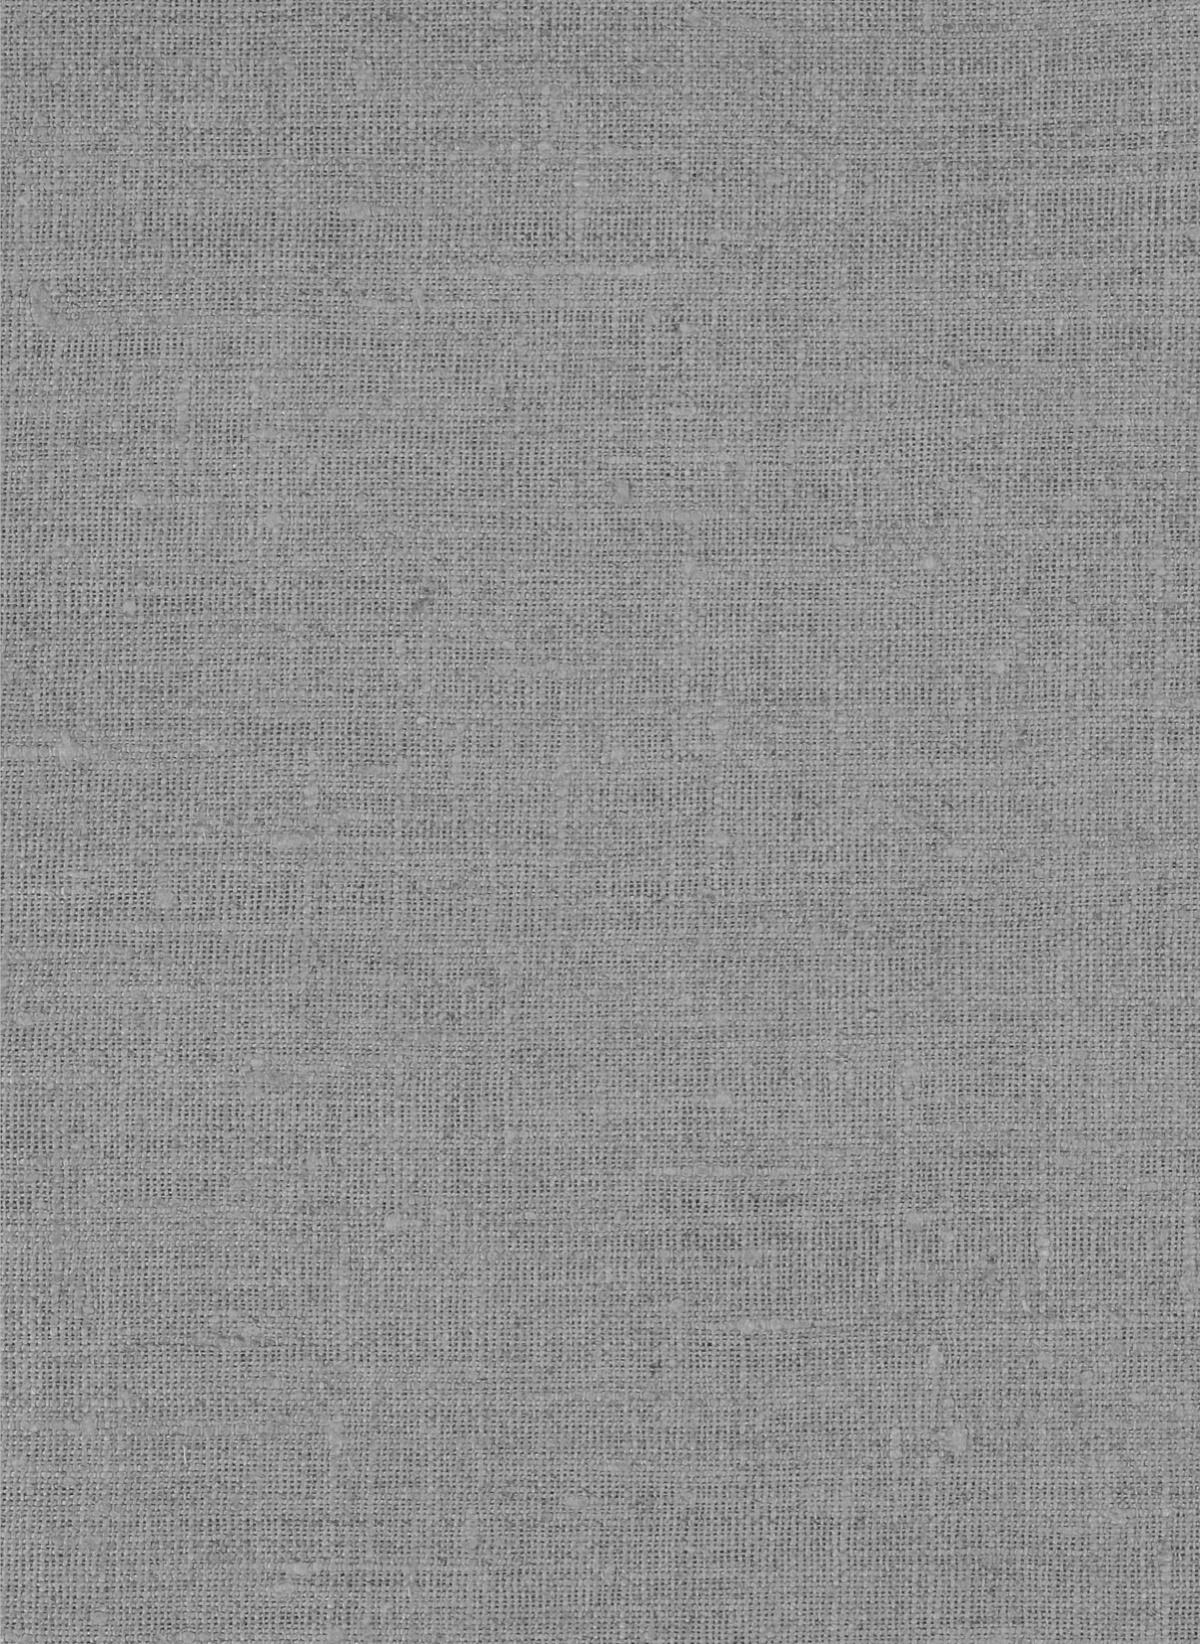 Ikea Aina Tkanina Len Szary Szer 150cm 7148734406